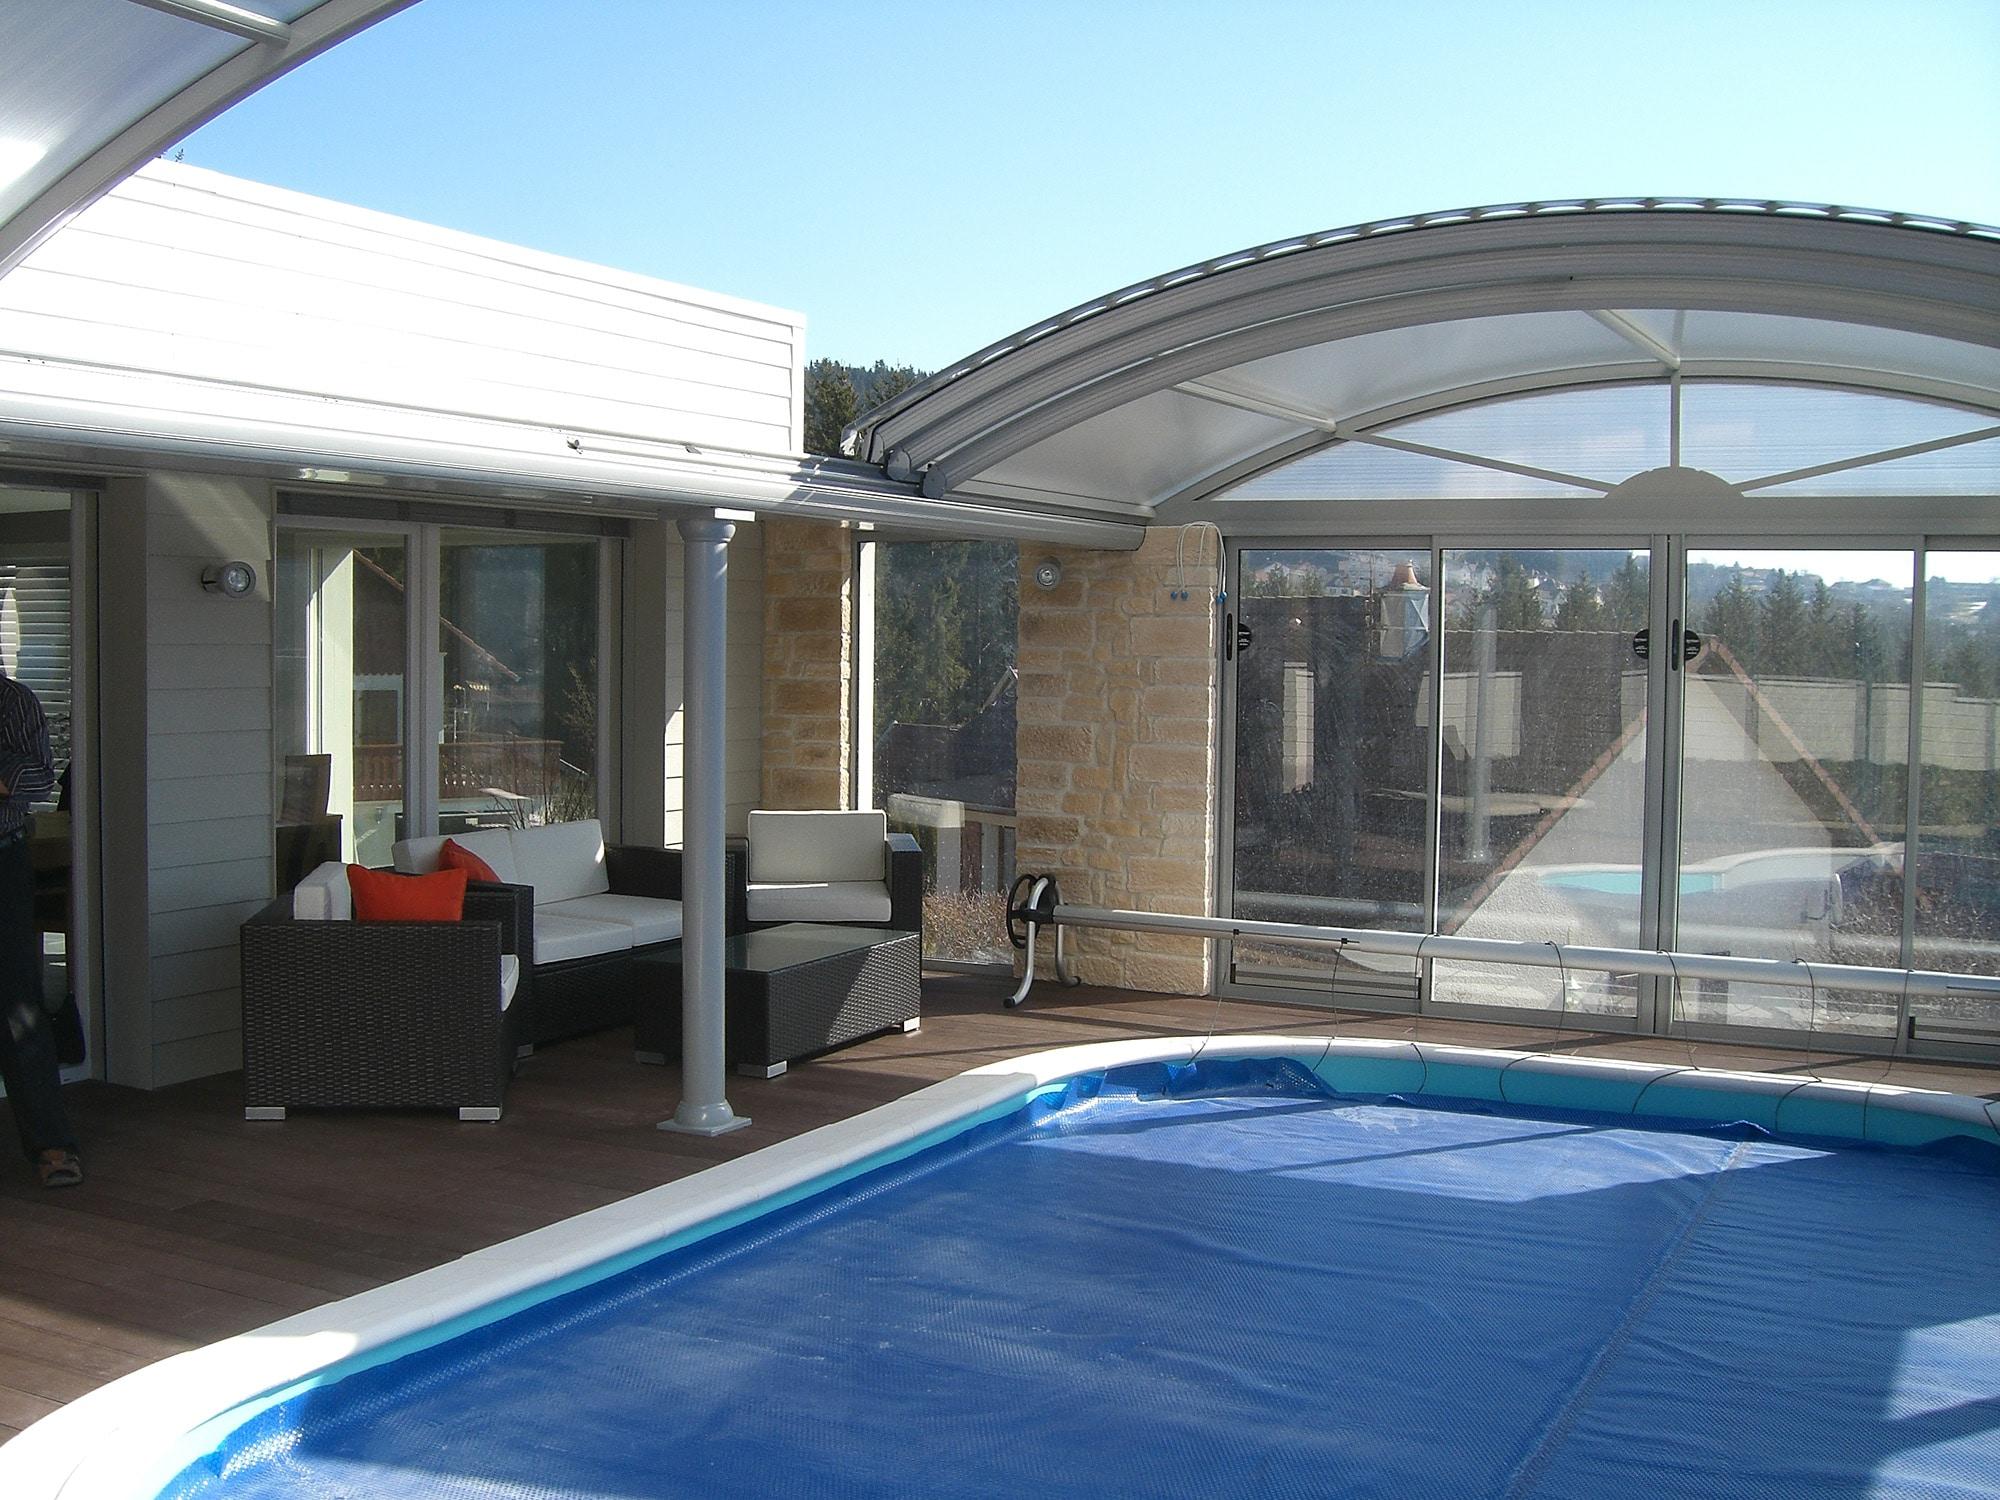 Piscine couverte sur terrasse les architecteurs for Piscine couverte prix